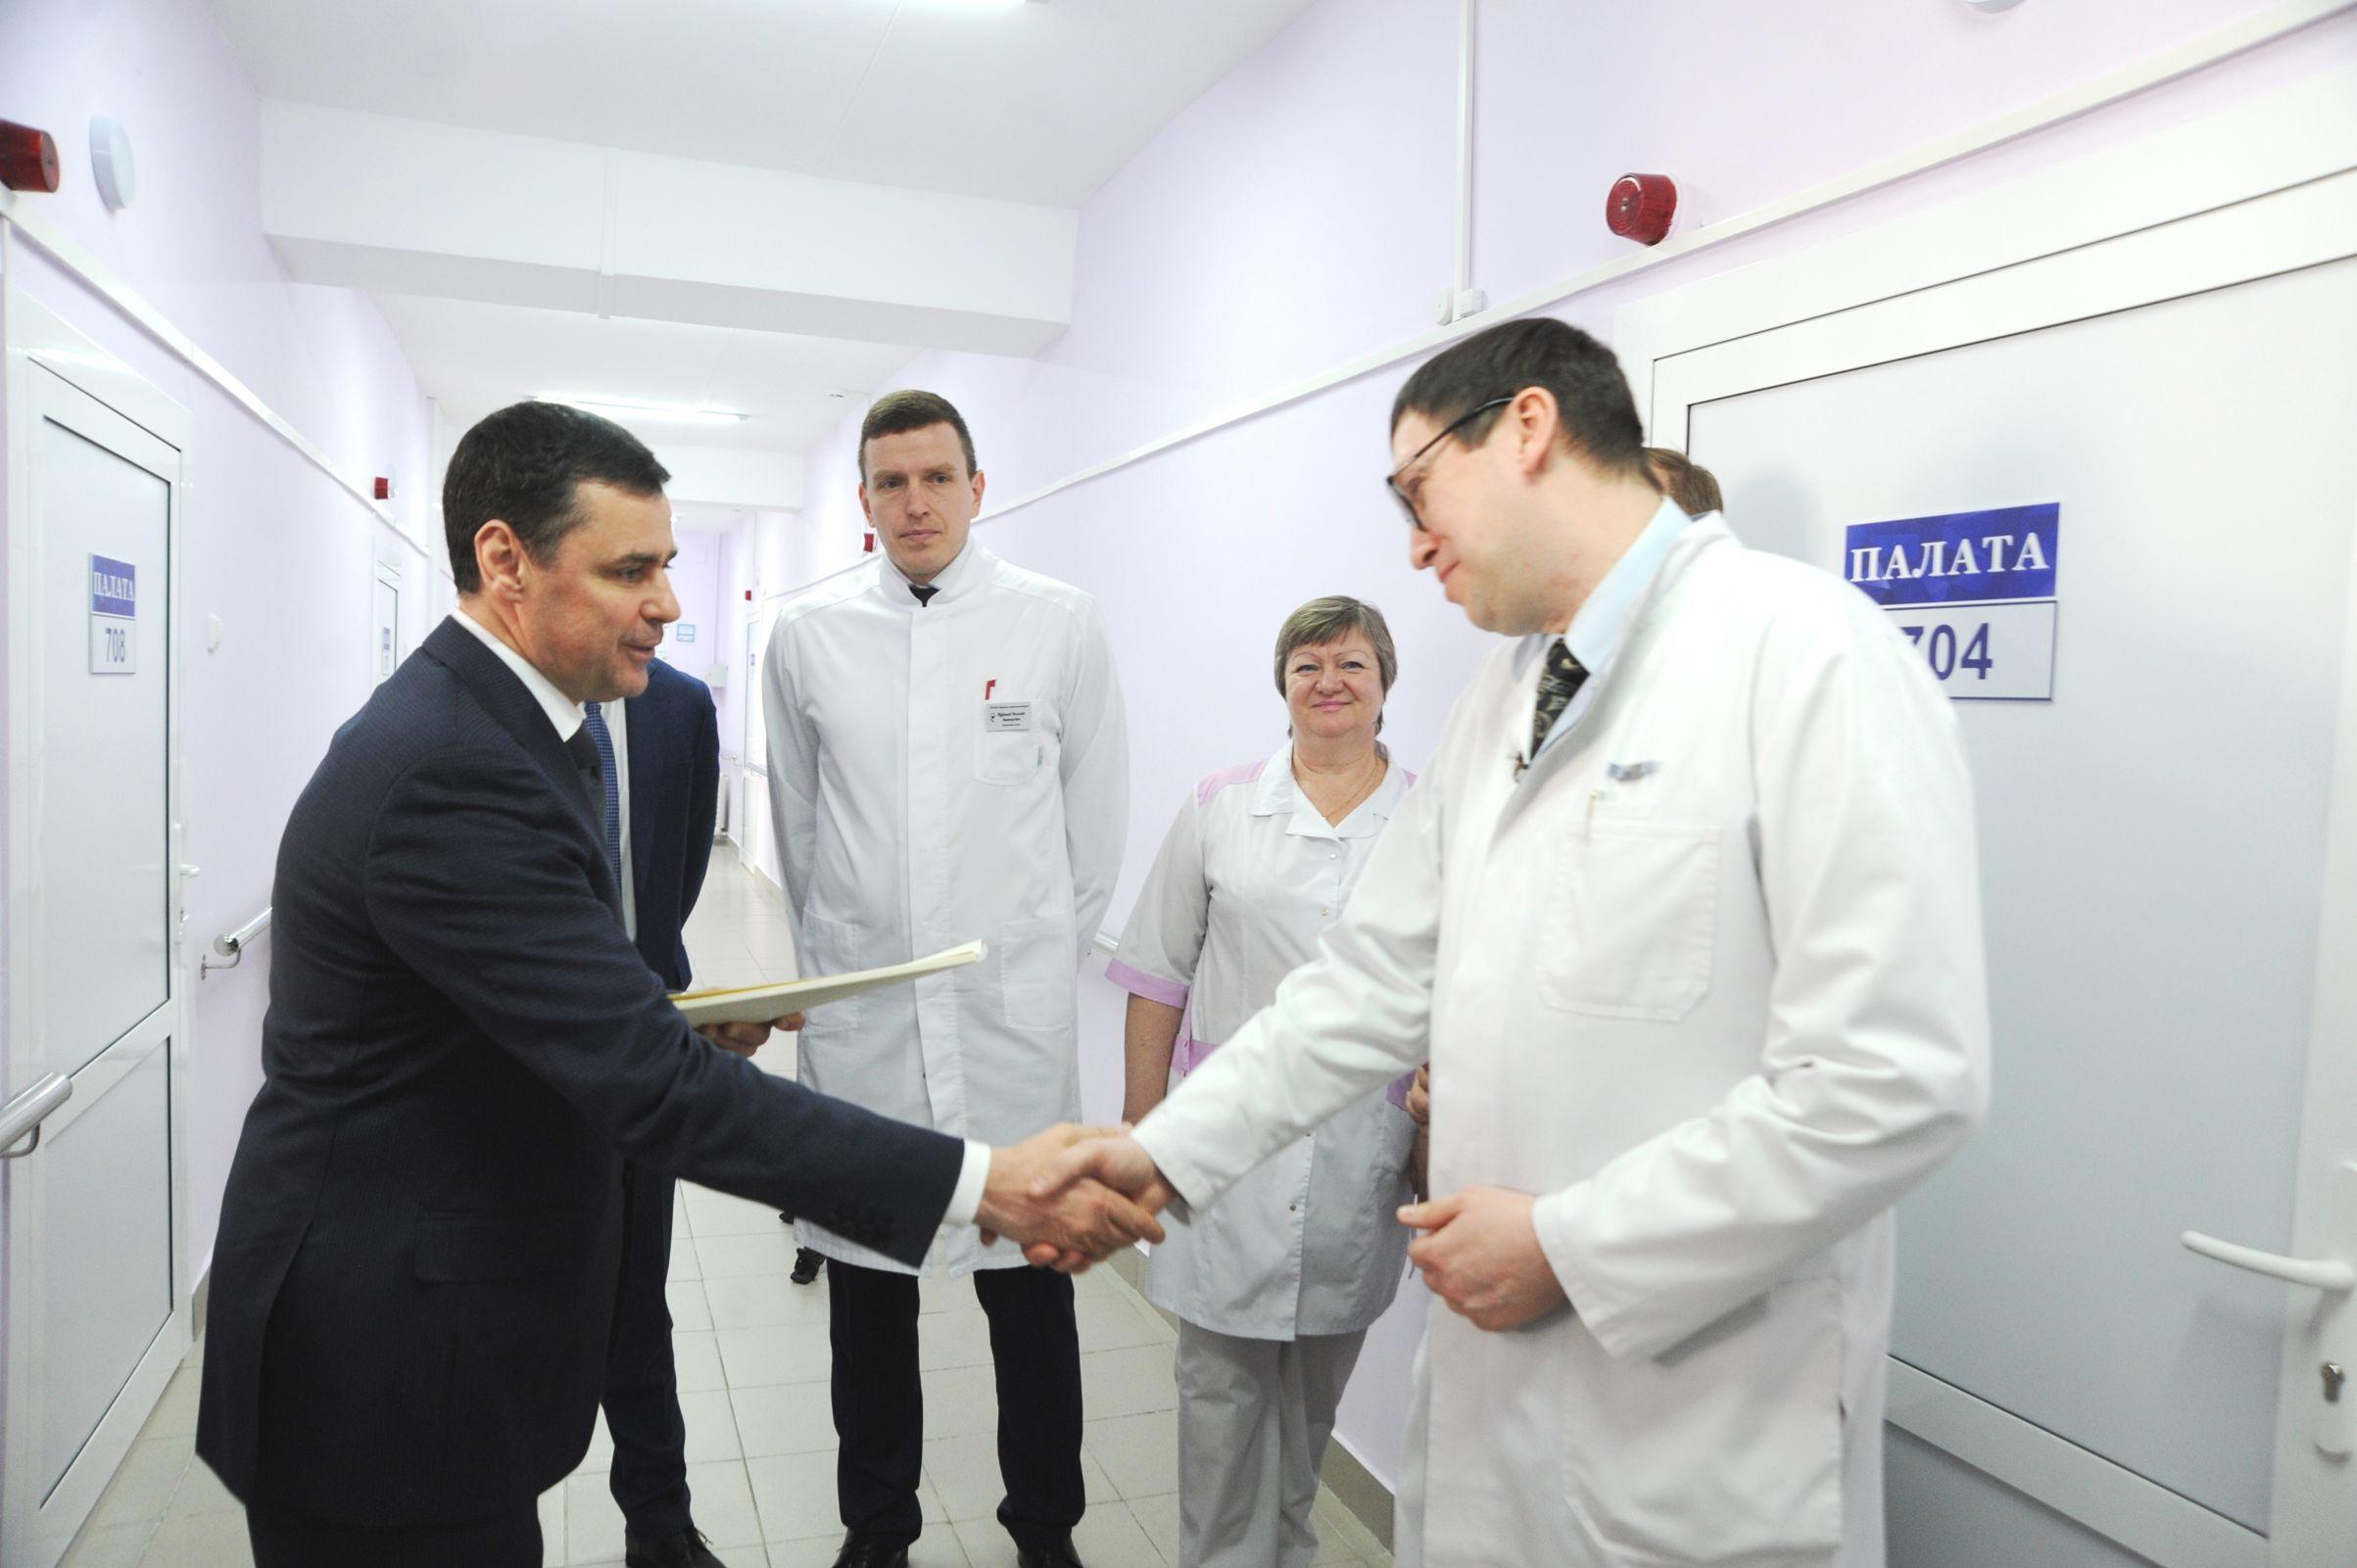 Дмитрий Миронов: в областной больнице после ремонта открылось лор-отделение